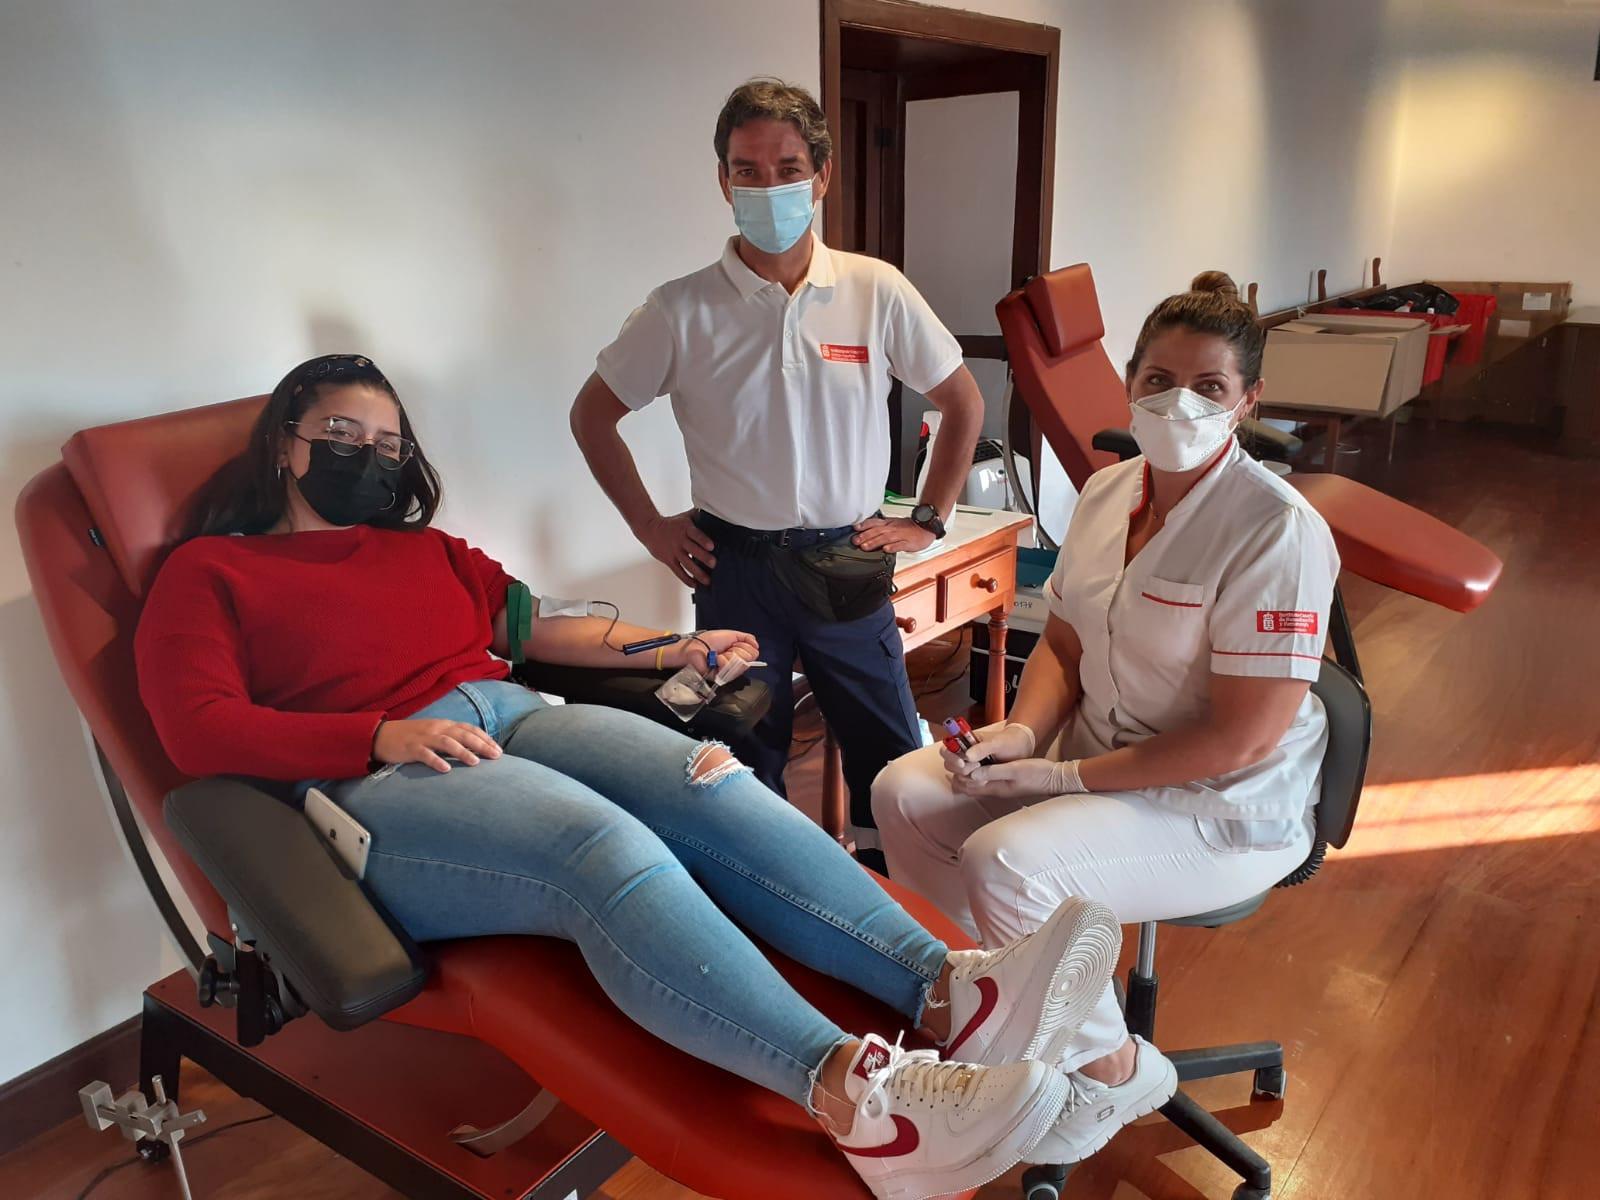 El ICHH recuerda a la ciudadanía la importancia de donar sangre con regularidad para garantizar la actividad hospitalaria